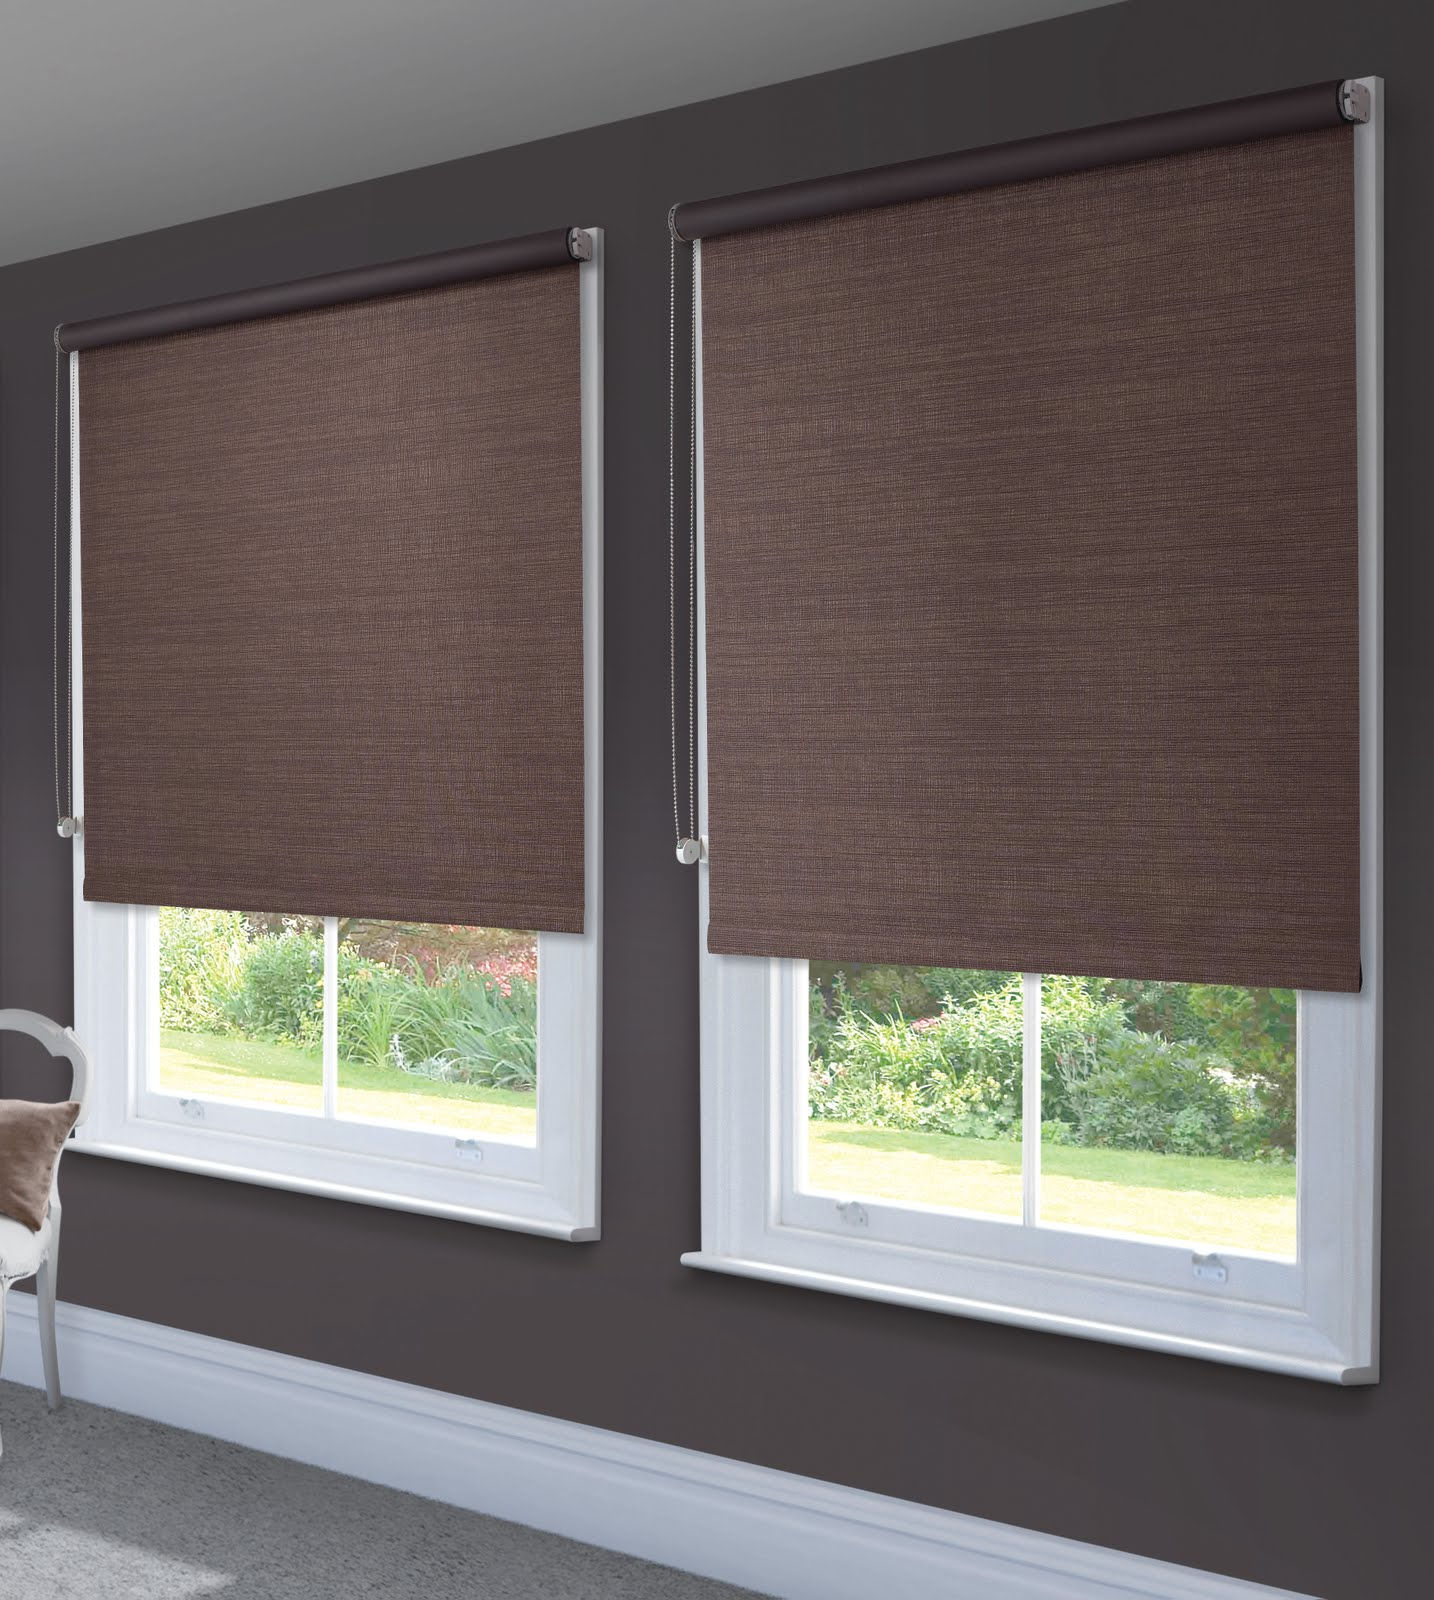 Рулонные шторы эффективно защищают комнату от света